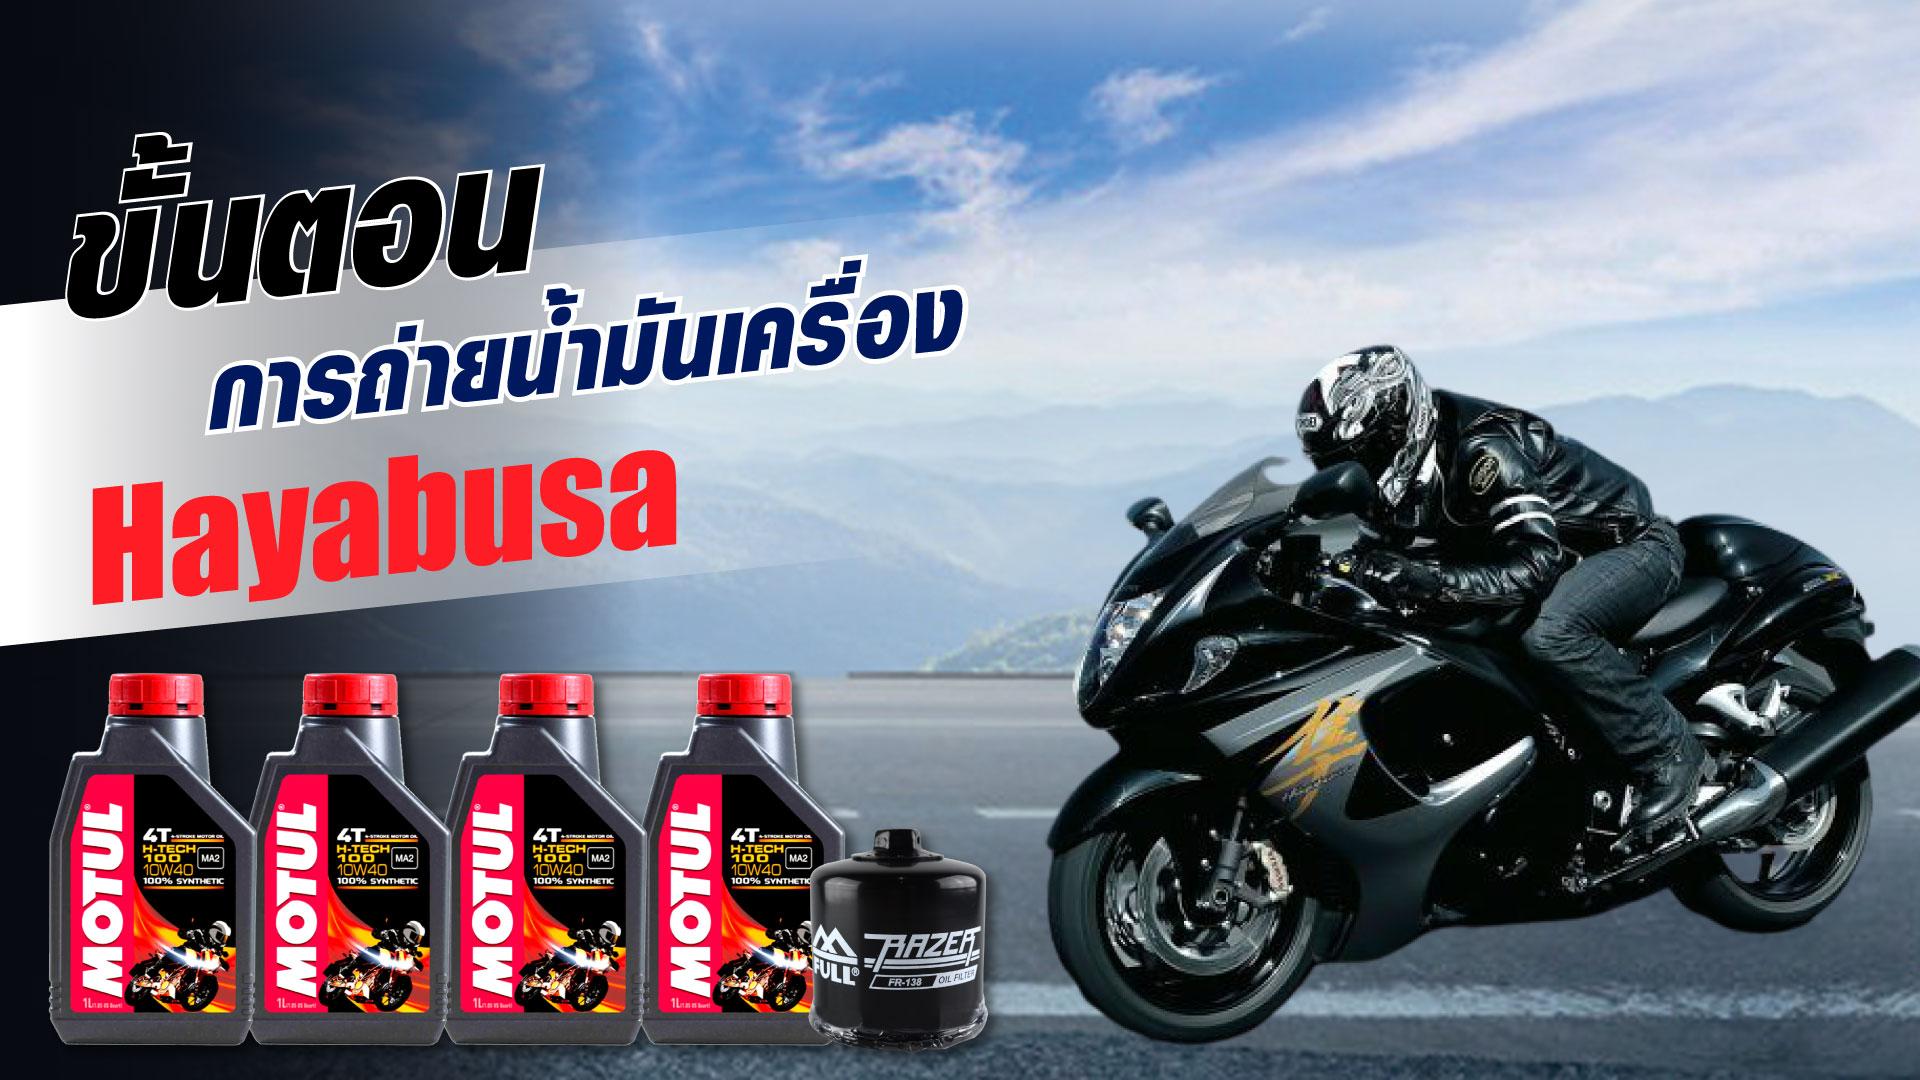 🔧 ขั้นตอนการถ่ายน้ำมันเครื่อง และเปลี่ยนกรอง 🏍 Suzuki Hayabusa